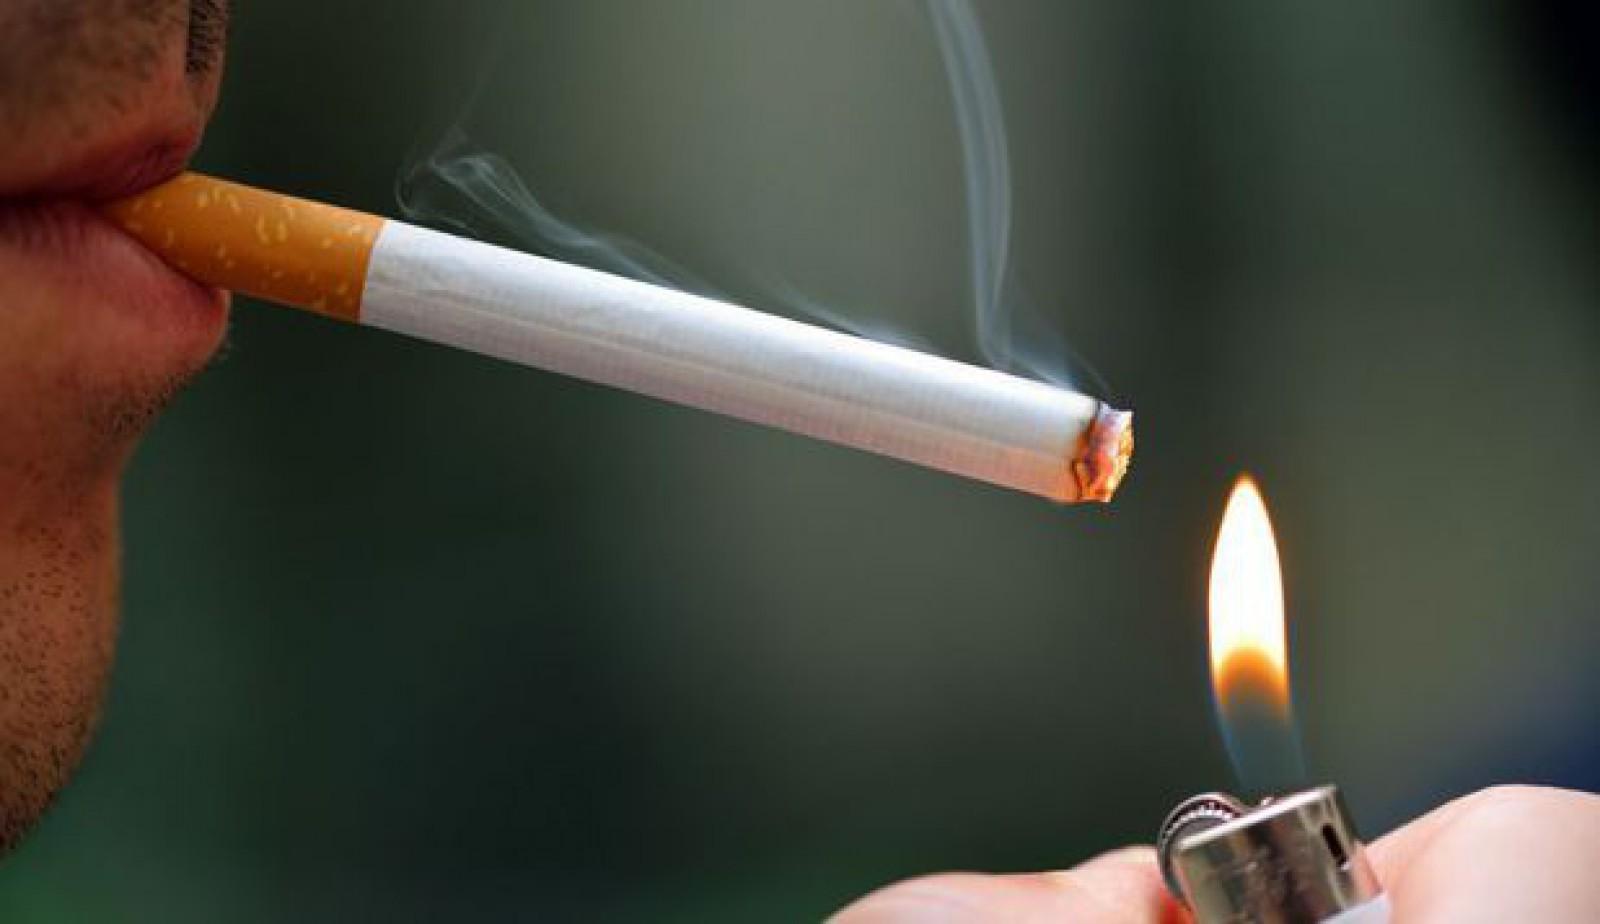 Studiu: Cel puţin 3 din 5 persoane care încearcă să fumeze o ţigară devin dependente